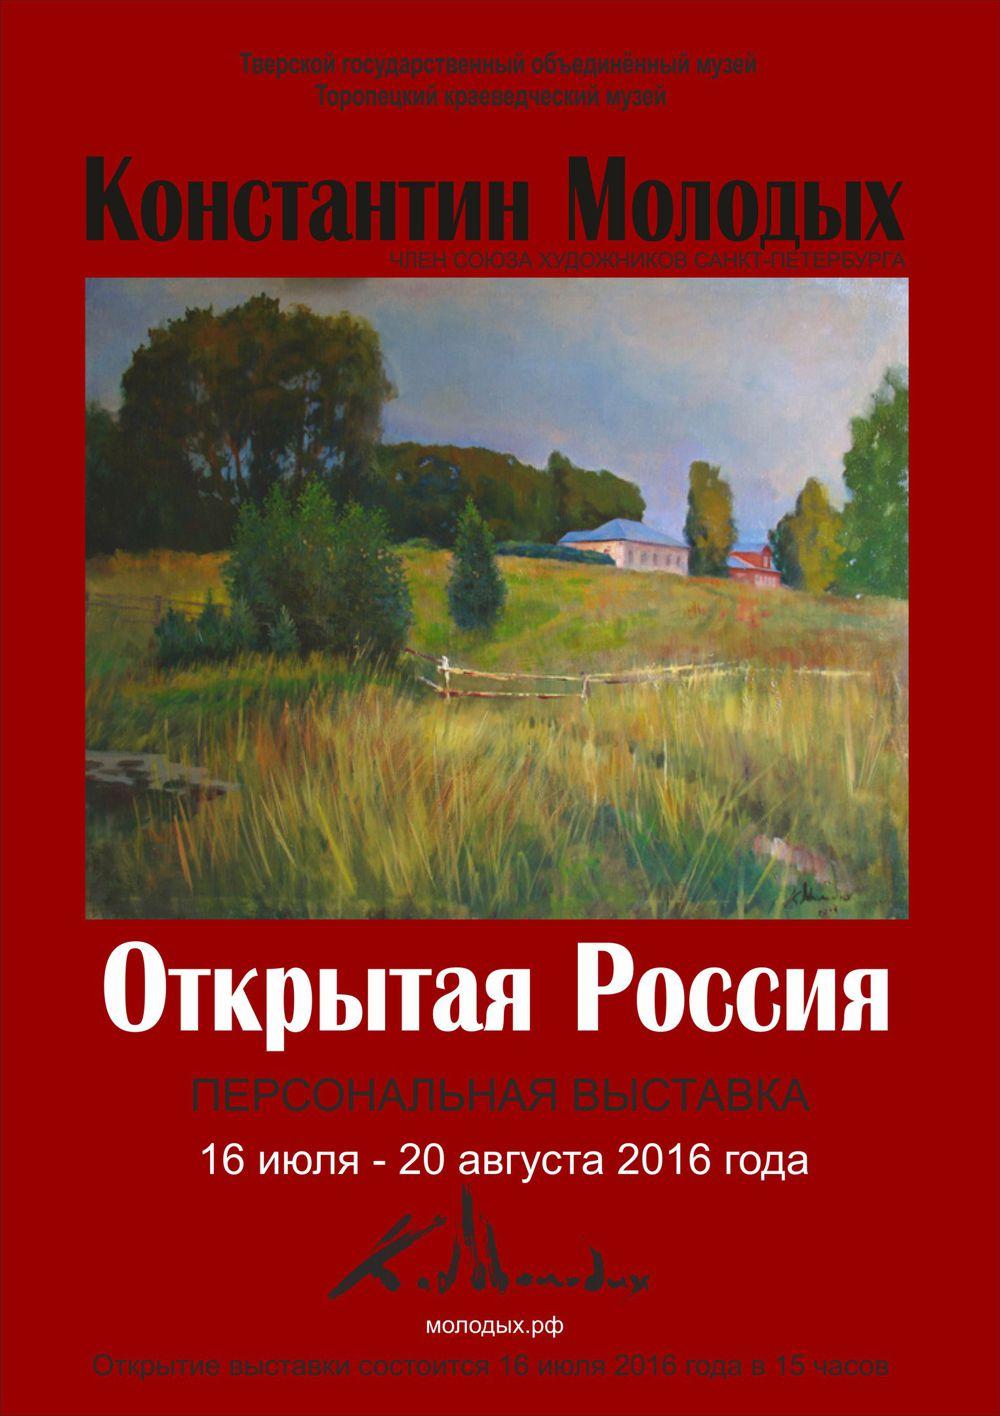 Афиша выставки Молодых К.С.м 1000